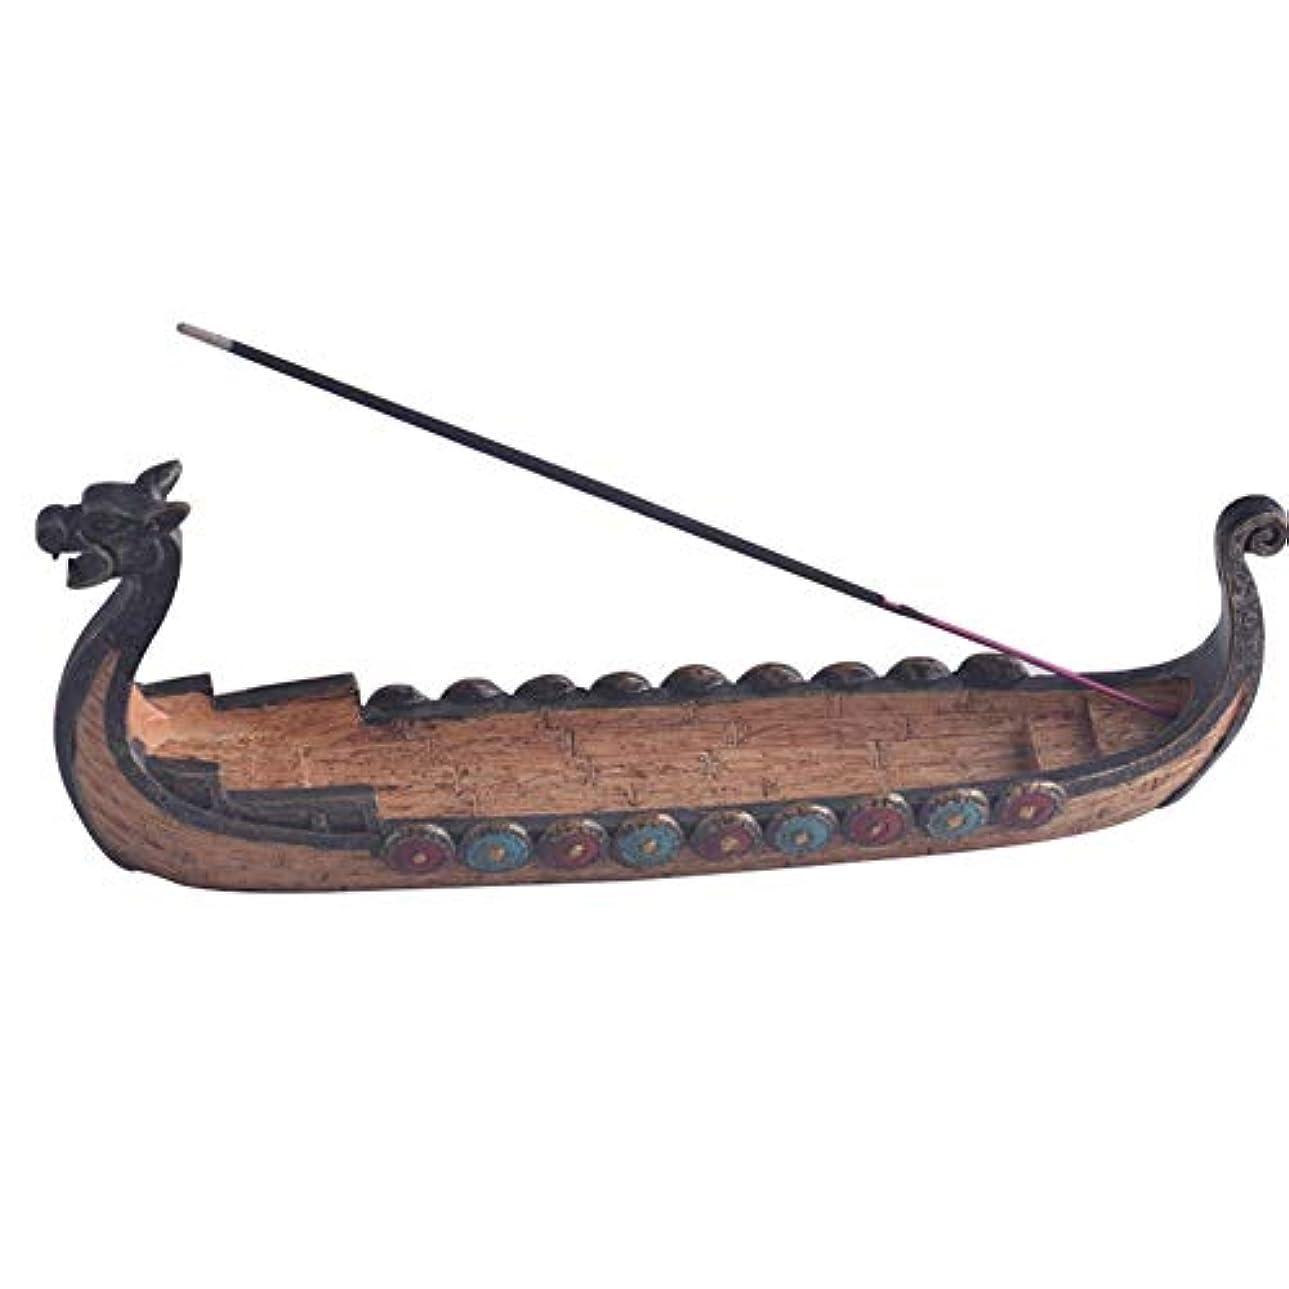 ベックス迷惑することになっているCoolTack スティック香中国の伝統的な家の装飾のためのドラゴンボート型香炉